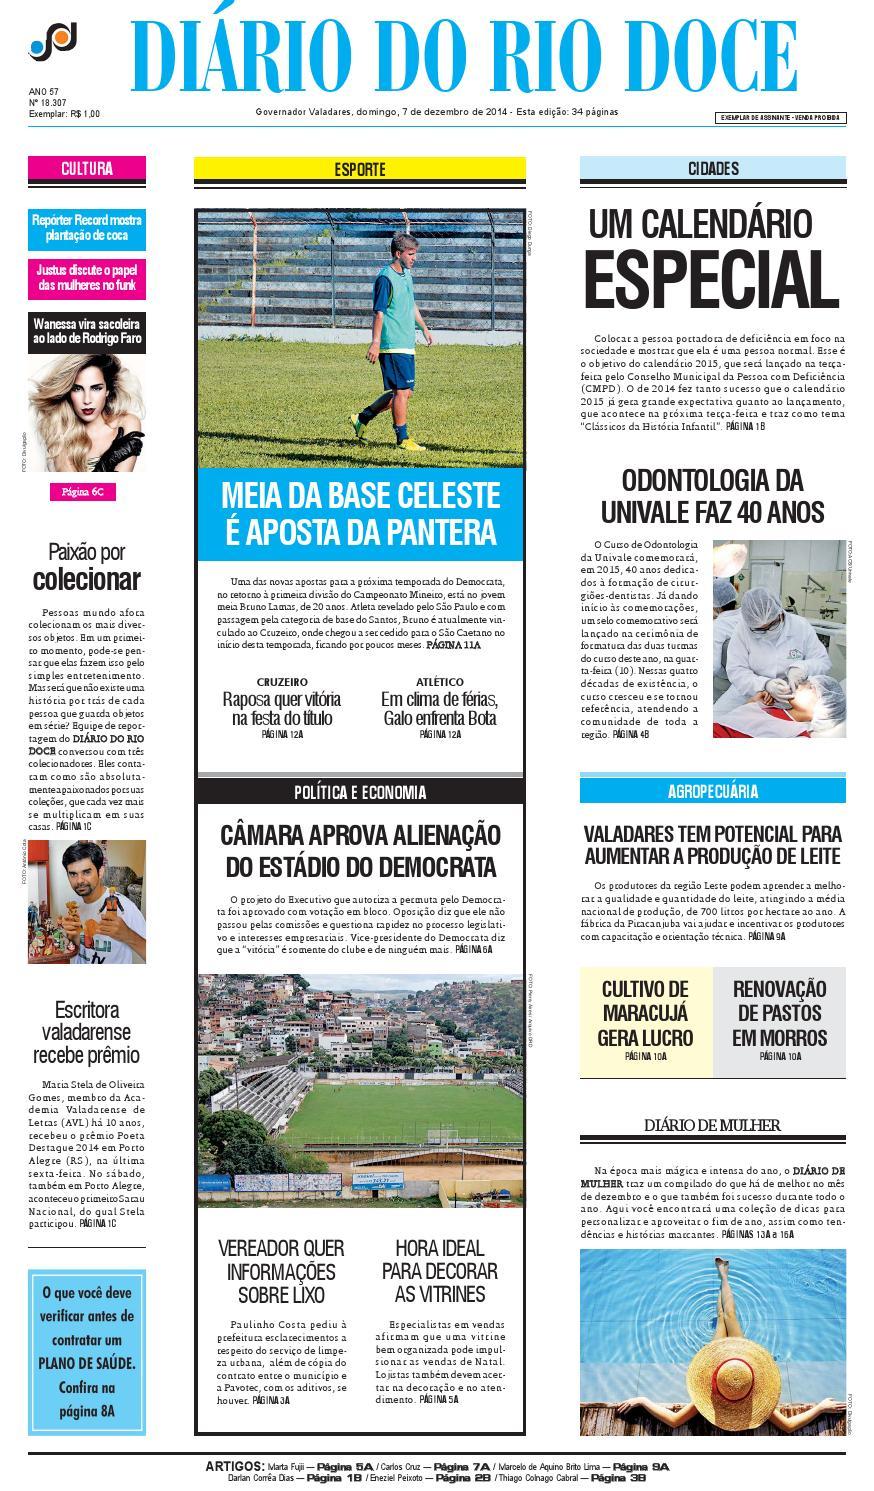 78b0d0b257 Diário do Rio Doce - Edição de 07 12 2014 by Diário do Rio Doce - issuu